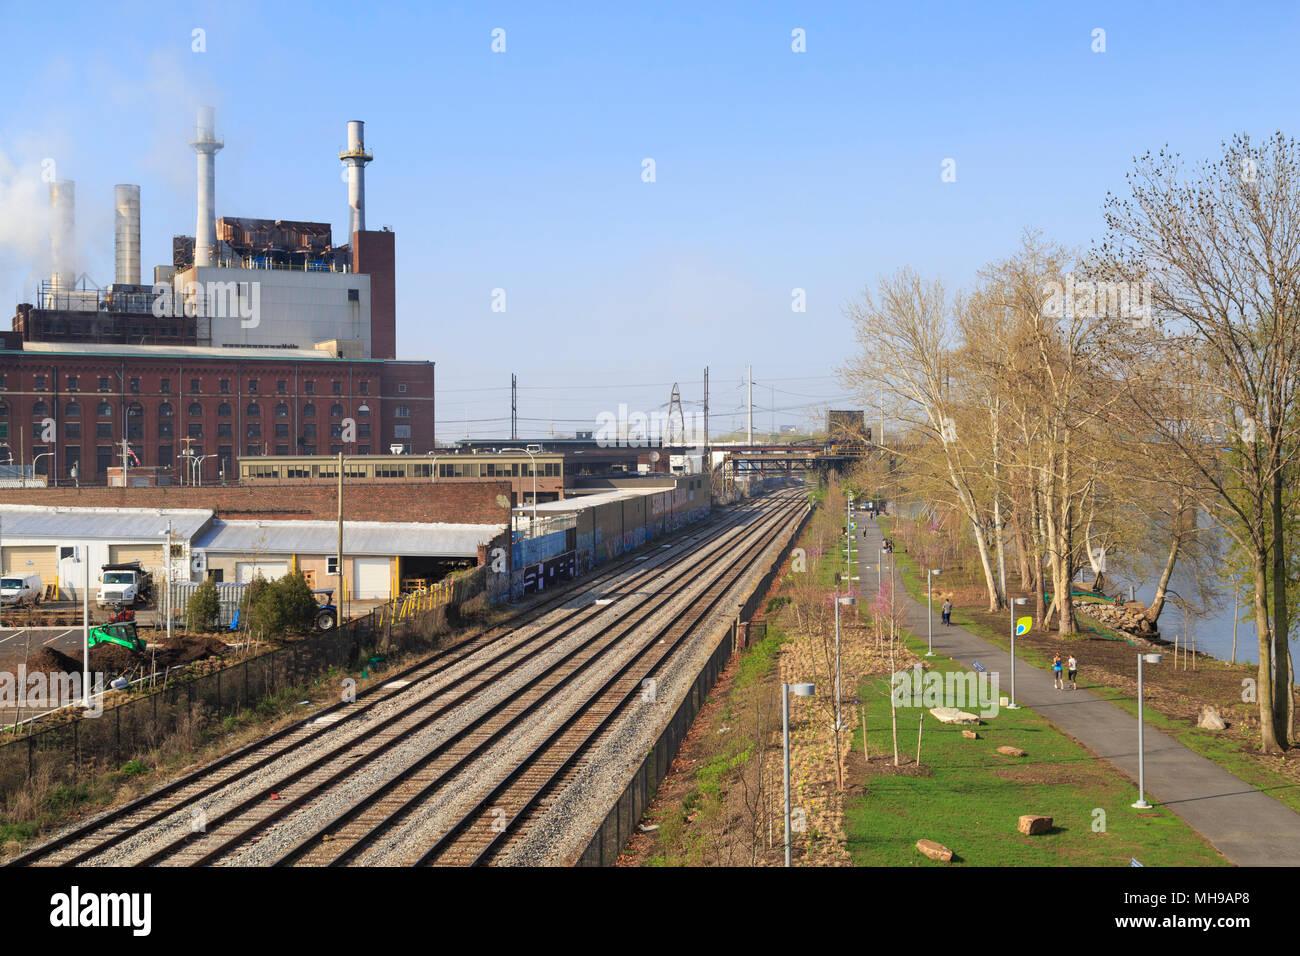 Chemin des loisirs Banques Schuylkill et former les tracksin zone industrielle revitalisé avec Veolia usine de l'énergie thermique, Philadelphie , Pennsylvanie, USA Banque D'Images